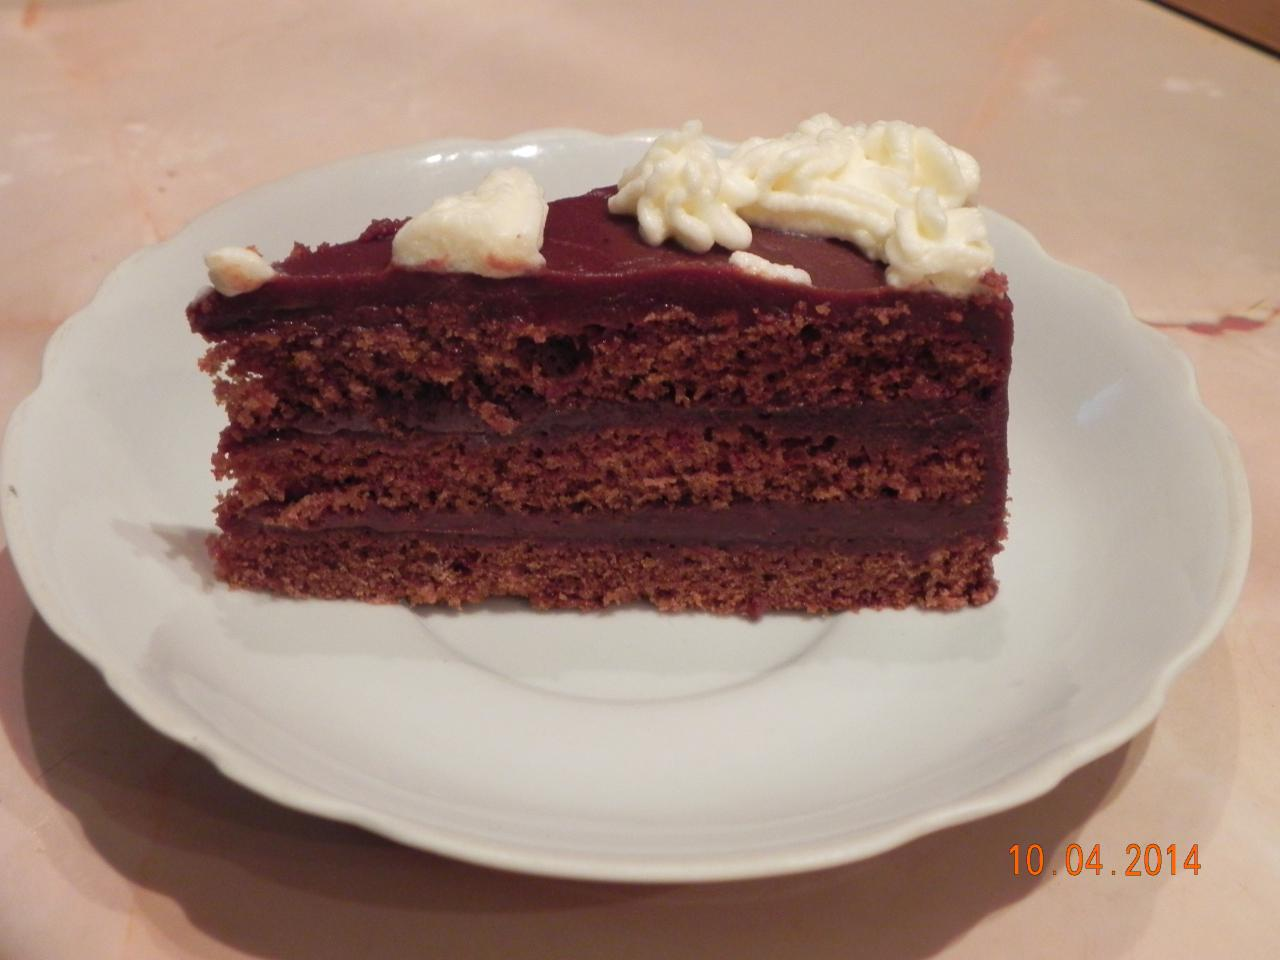 шоколадный торт \сладость мечтаний\